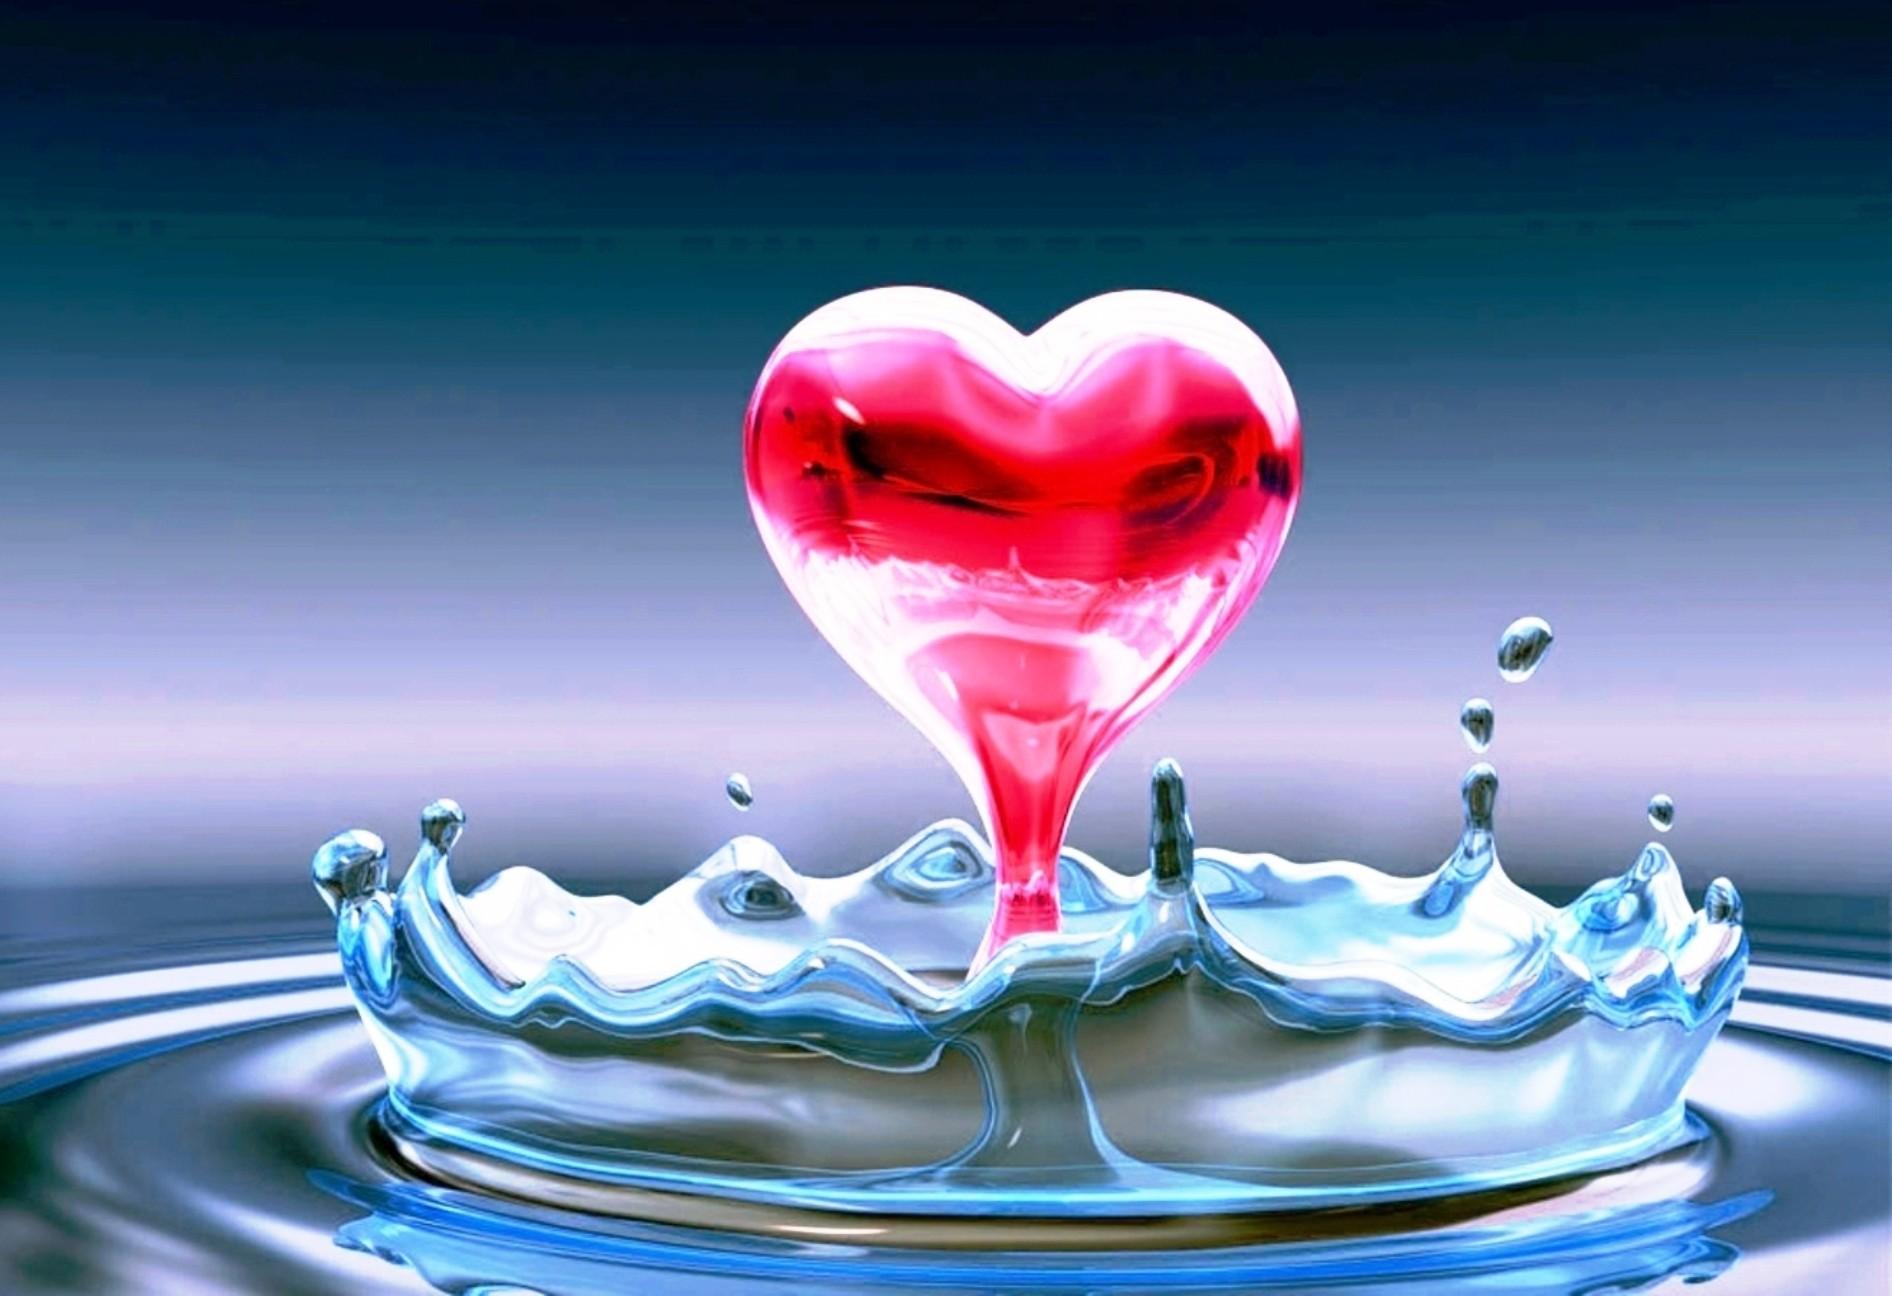 بالصور صور متحركه حب , صور متحركه تجلب لك الحب 1325 8